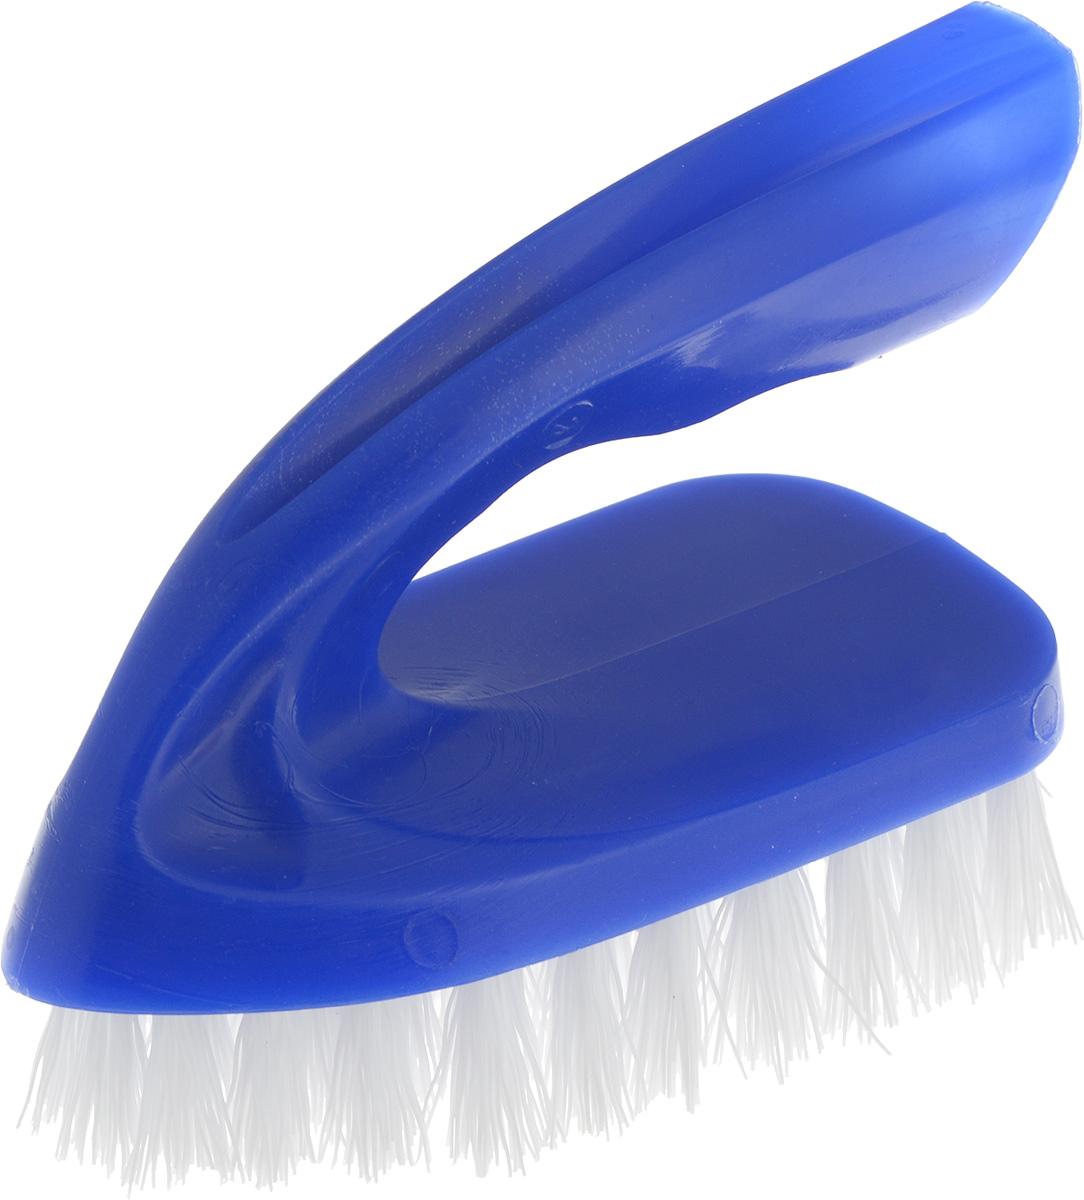 Щетка для одежды Svip Утюжок Миди. Классика, цвет: синий, белый, 10 х 6 х 8,5 смSV3112СНЩетка Svip Утюжок Миди. Классика, изготовлена из высокопрочного пластика и предназначена для удаления ворсинок, волос, пыли и шерсти животных, с различных поверхностей. Может использоваться для мягкой мебели и салона автомобиля. Ручка, расположенная сверху, сделана как у утюжка, которая обеспечивает удобство при работе с ней. Щетина средней жесткости не повреждает поверхность. Благодаря качественной щетине, щетка прослужит долгое время. Щетка Svip Утюжок Миди. Классика, станет незаменимым аксессуаром в вашем доме или автомобиле. Длина щетины: 2,5 см, Размер щетки: 10 х 6 х 8,5 см.